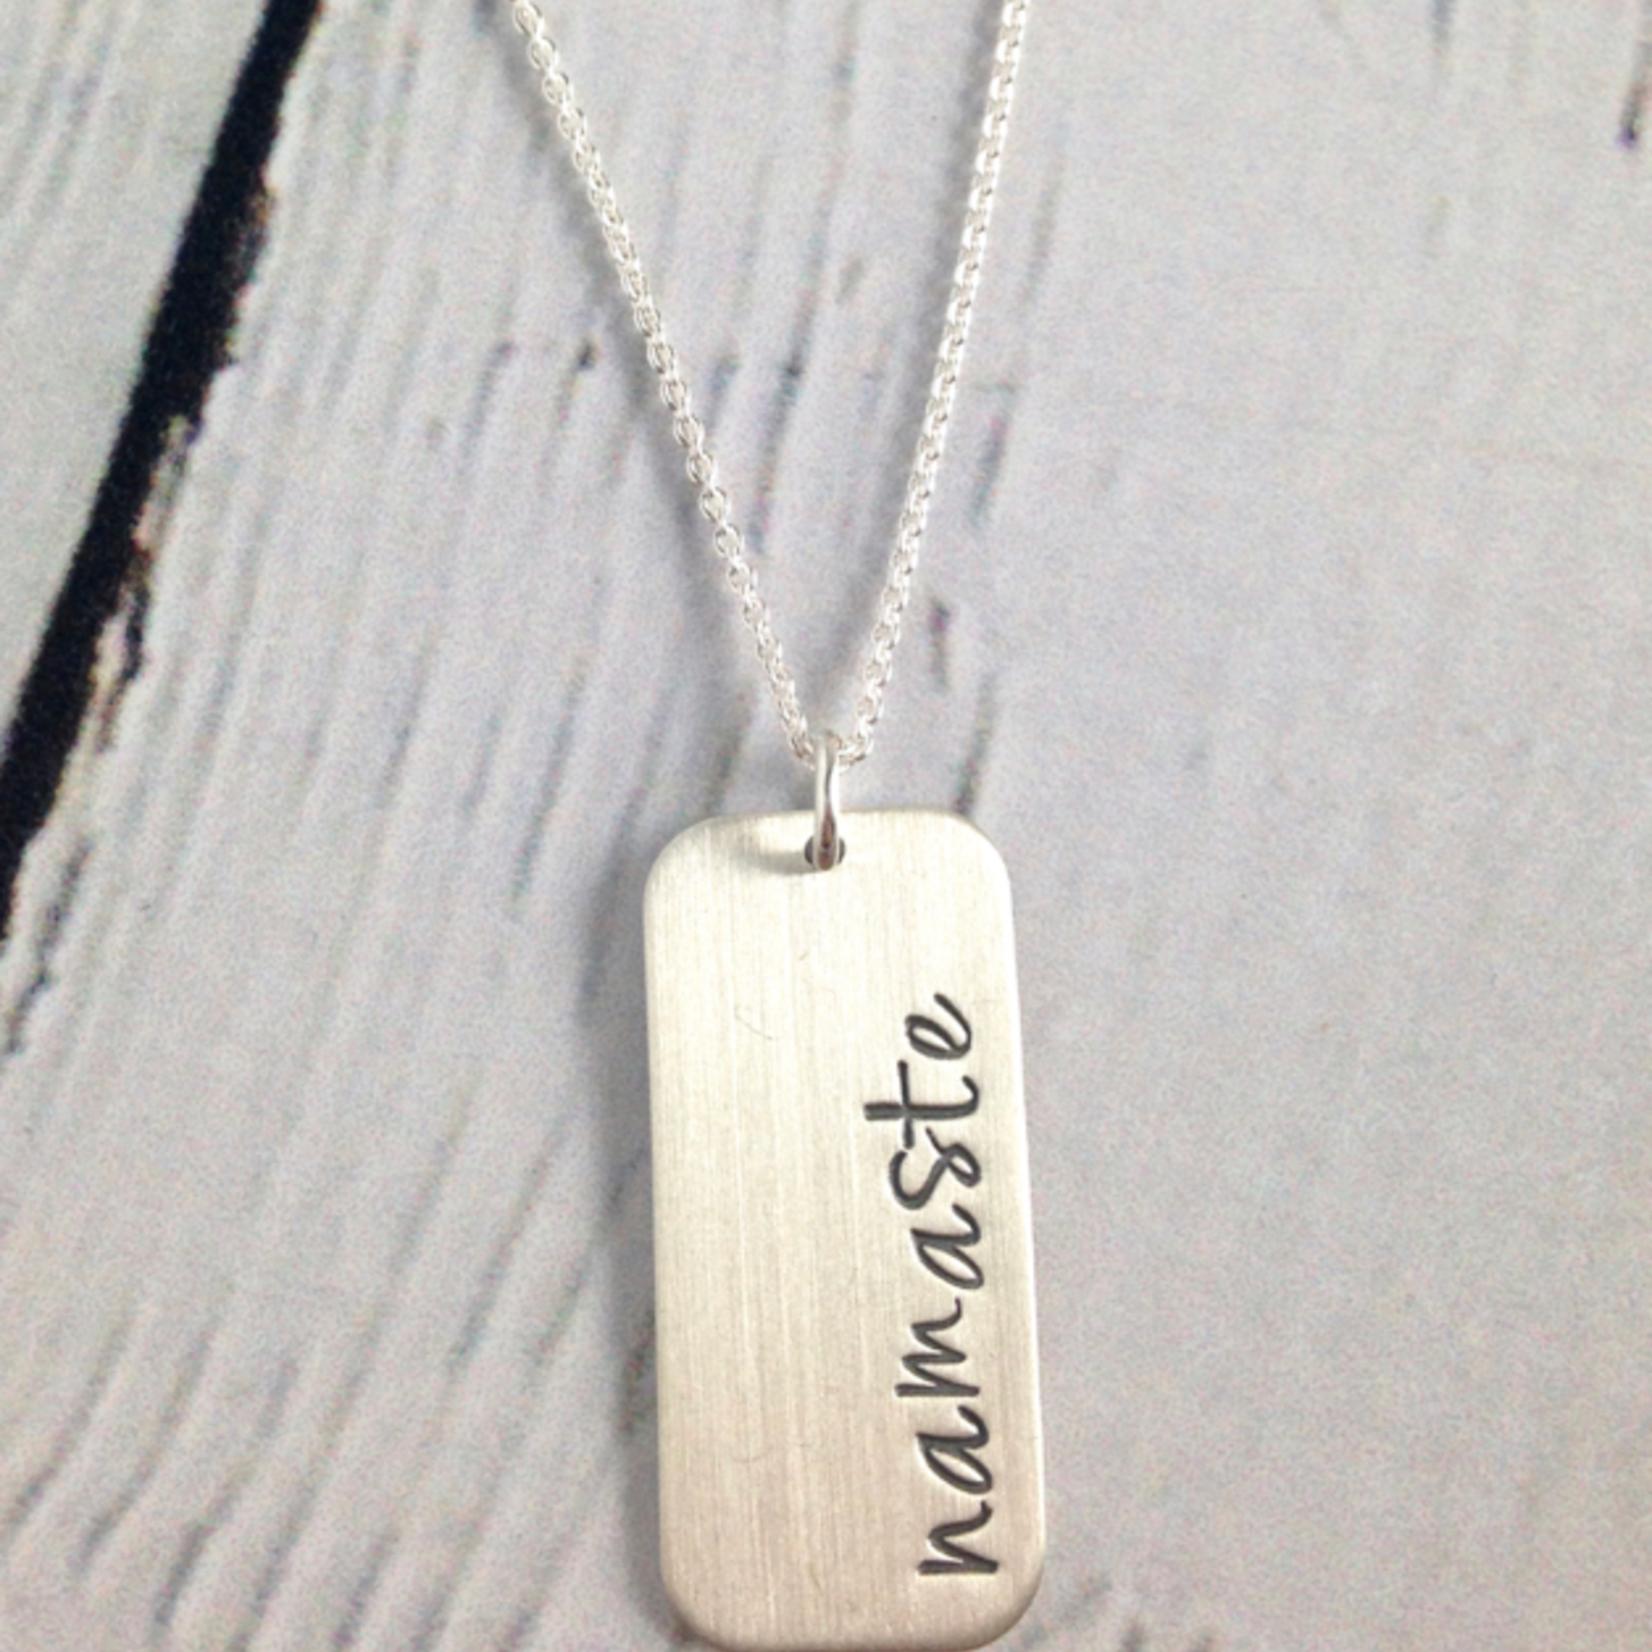 Handstamped Namaste Necklace